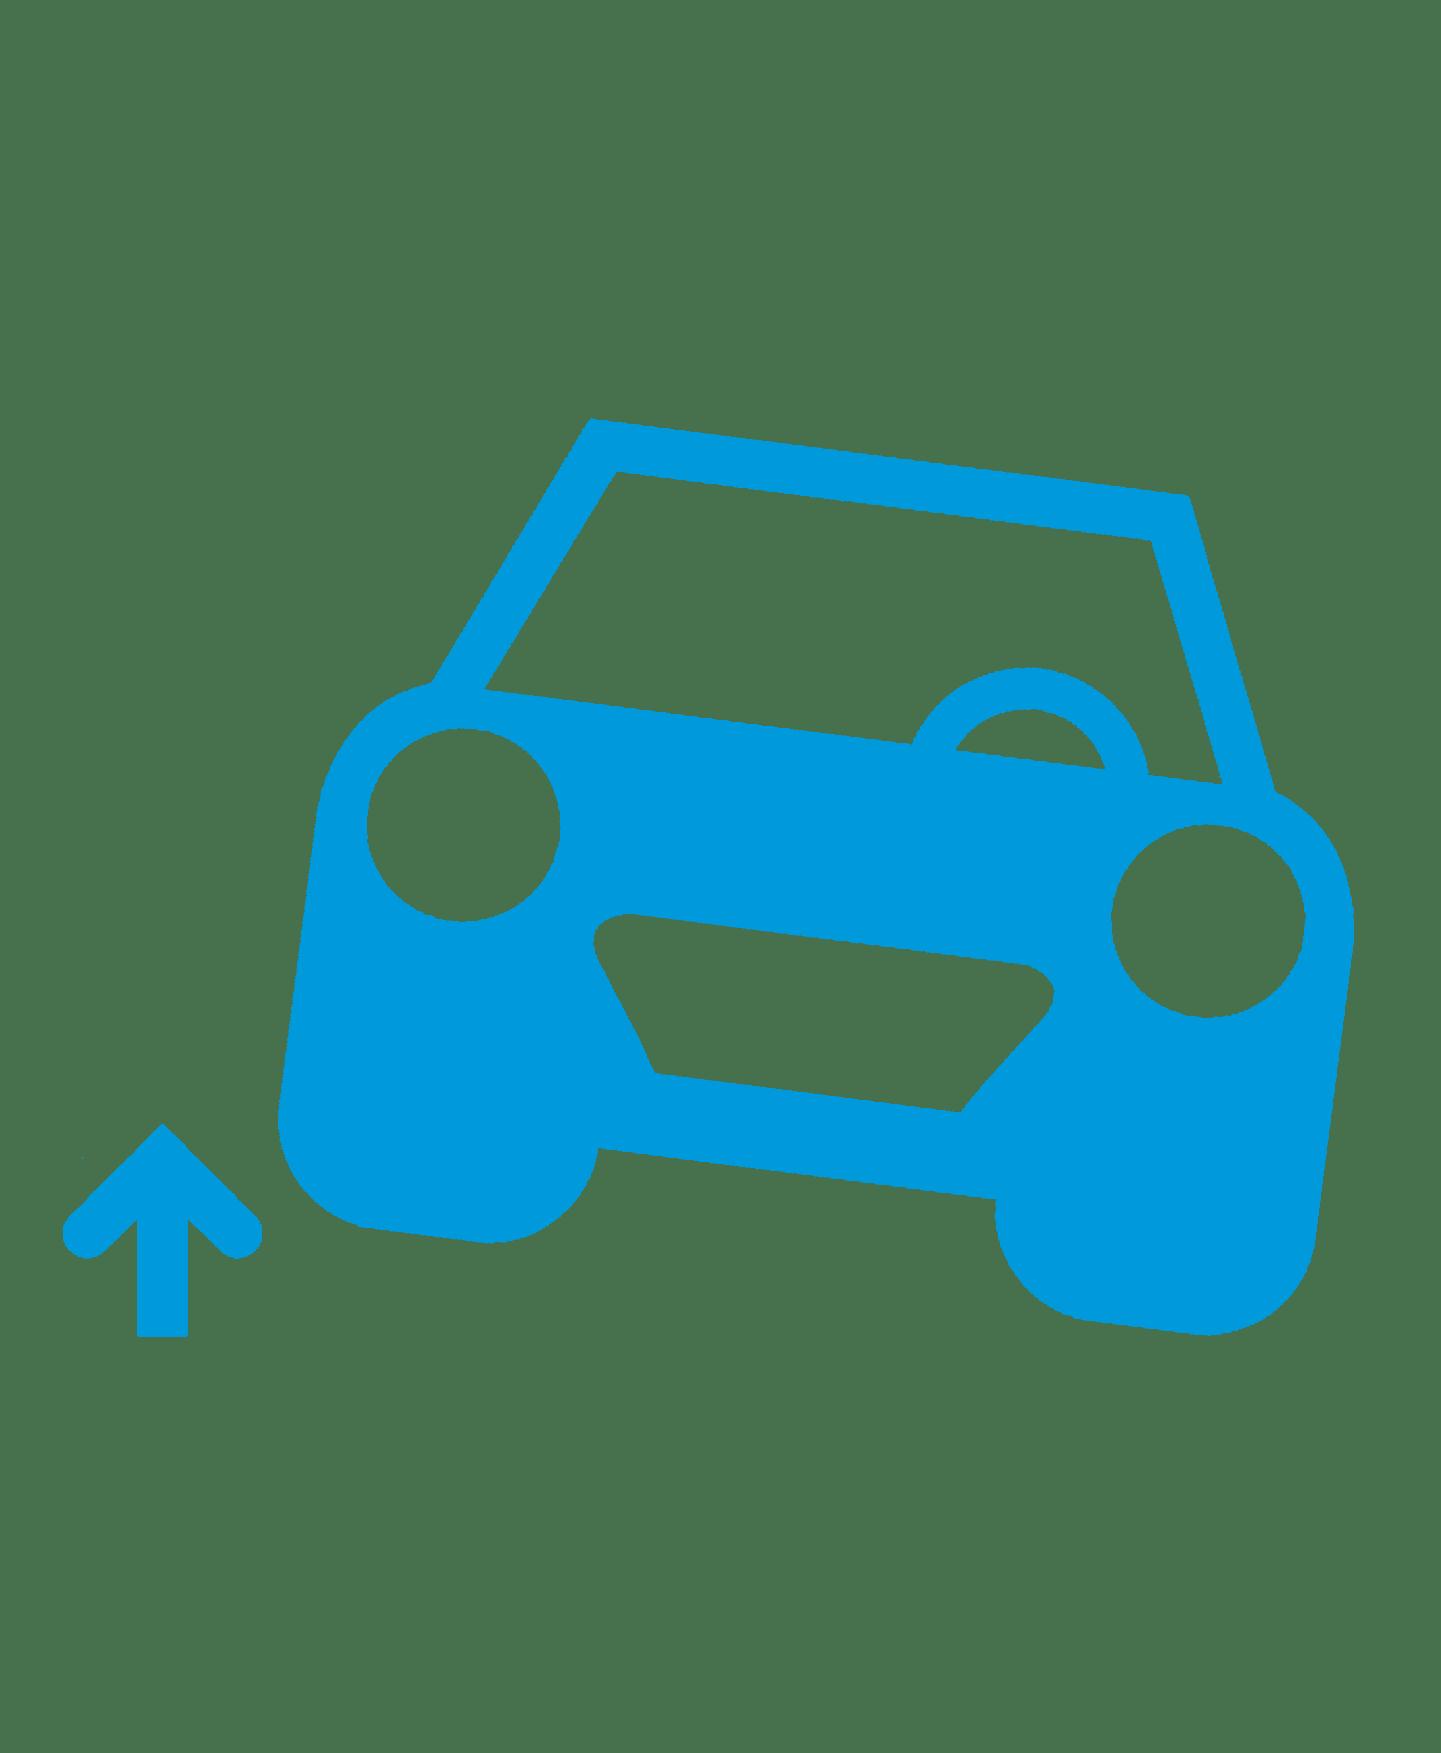 Changer les pneus implique de soulever la voiture